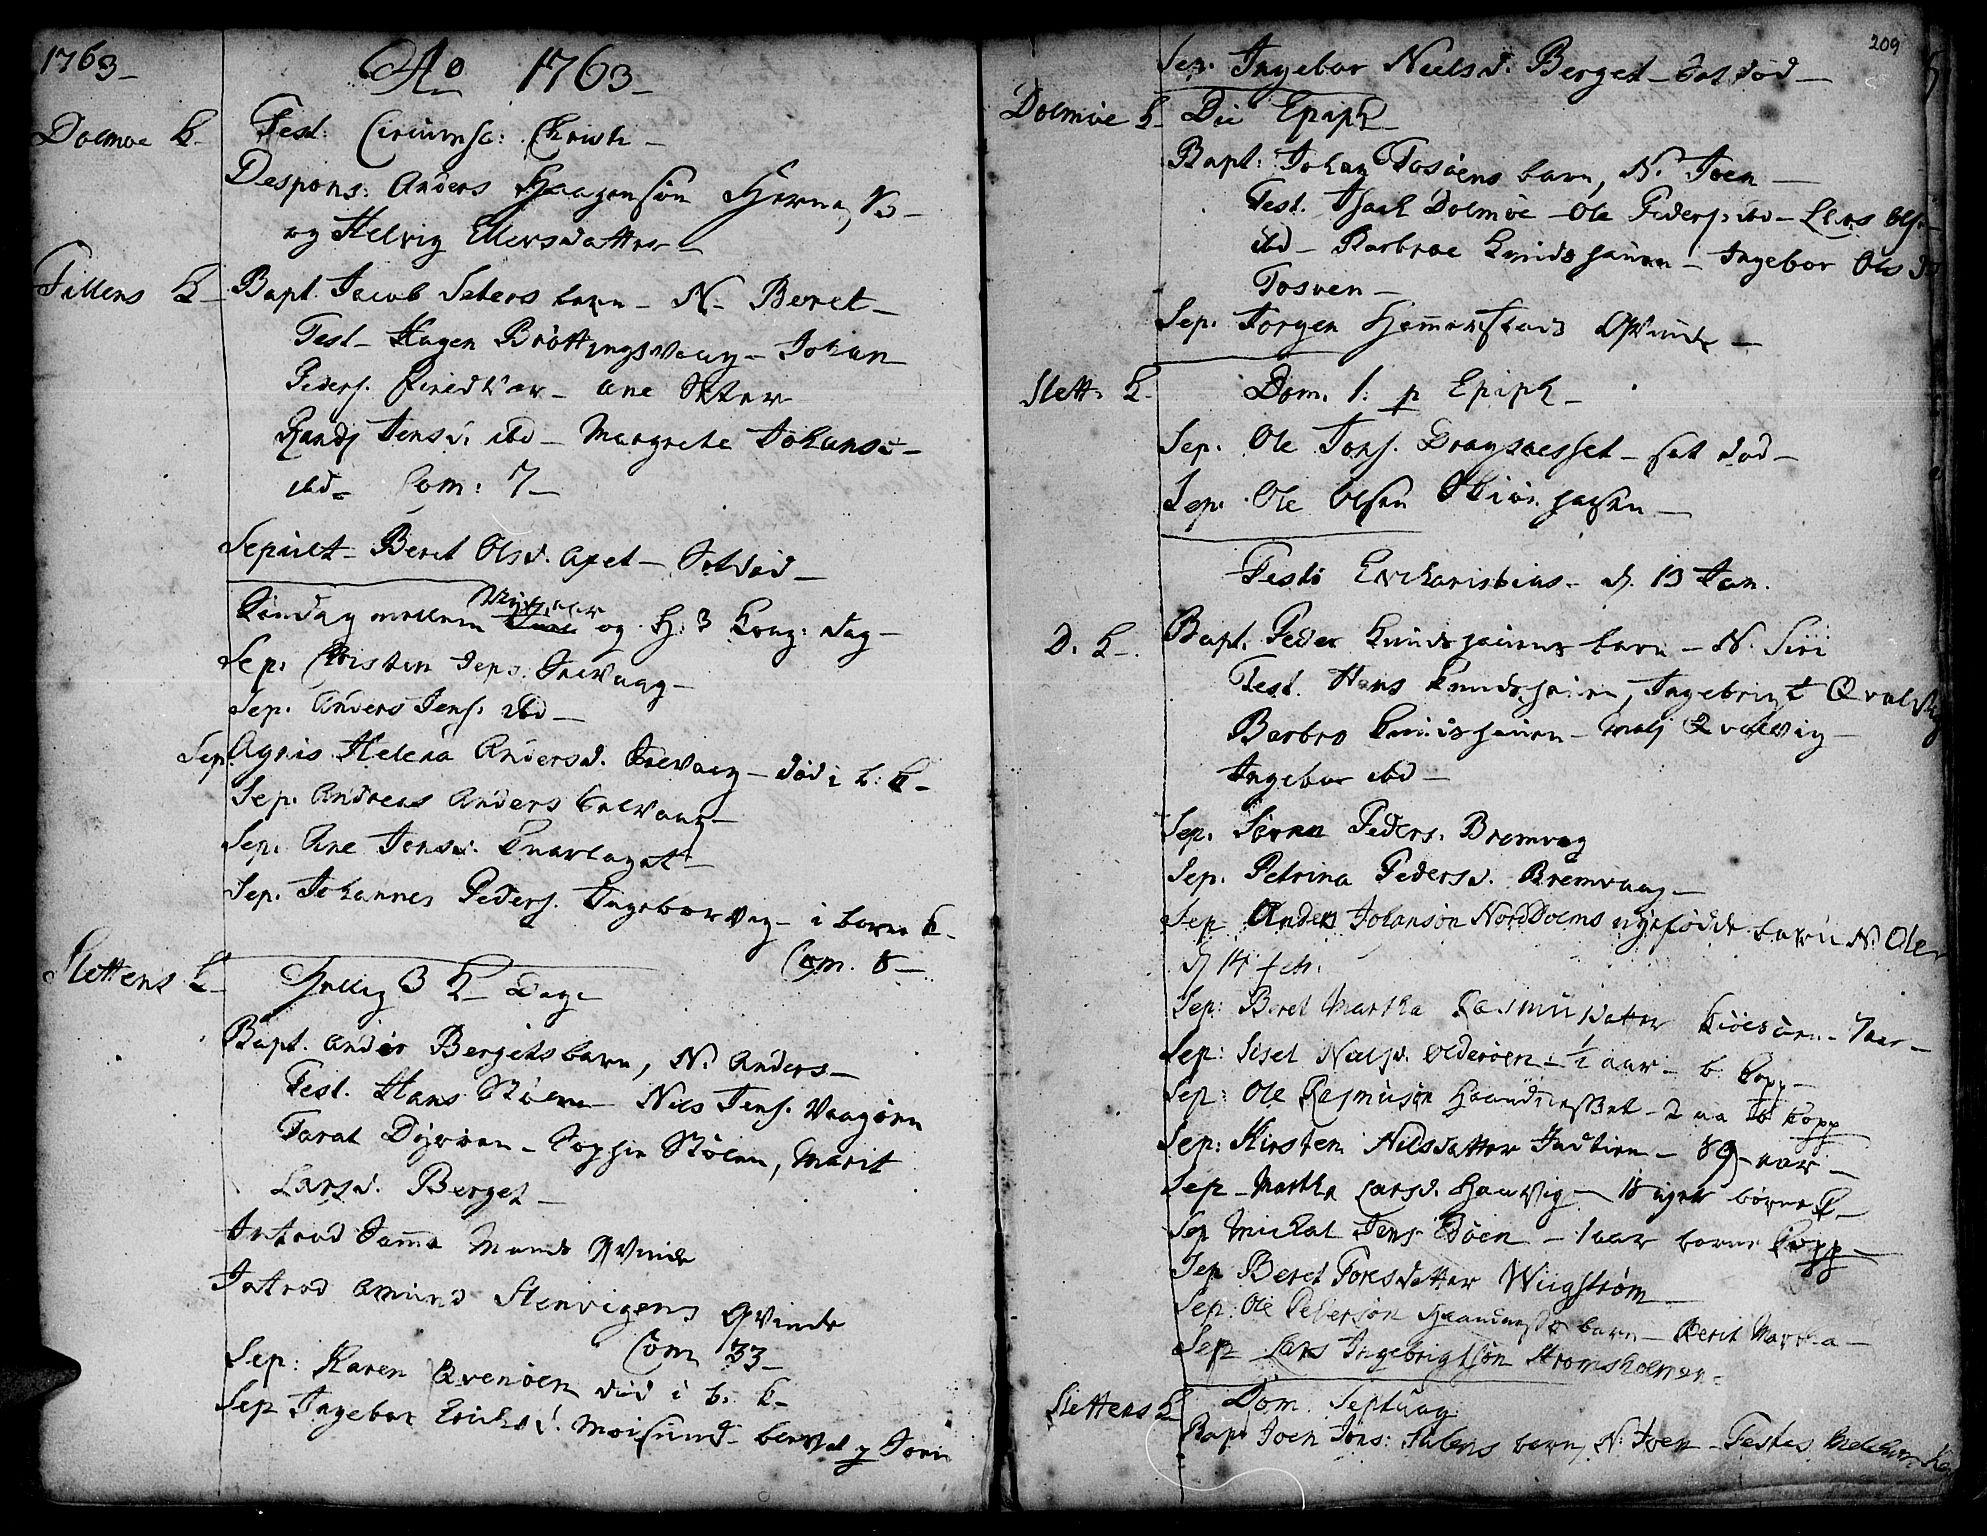 SAT, Ministerialprotokoller, klokkerbøker og fødselsregistre - Sør-Trøndelag, 634/L0525: Ministerialbok nr. 634A01, 1736-1775, s. 209